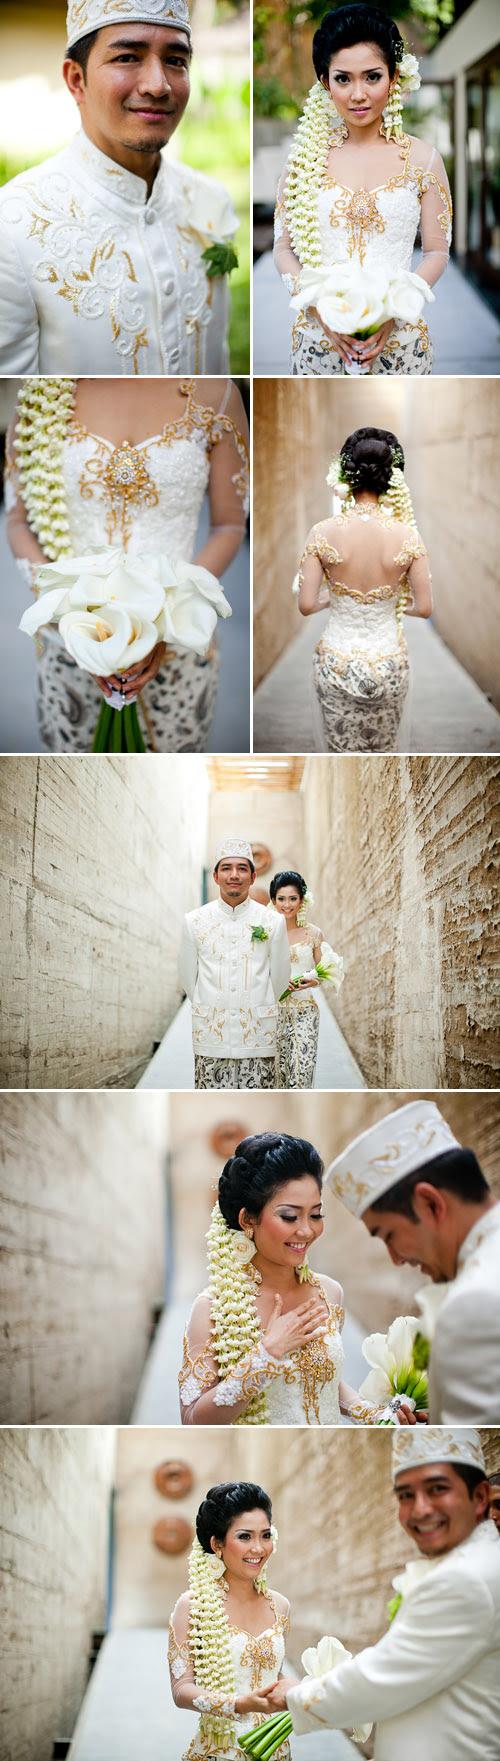 Traditional Indonesian Wedding in Bali | Junebug Weddings